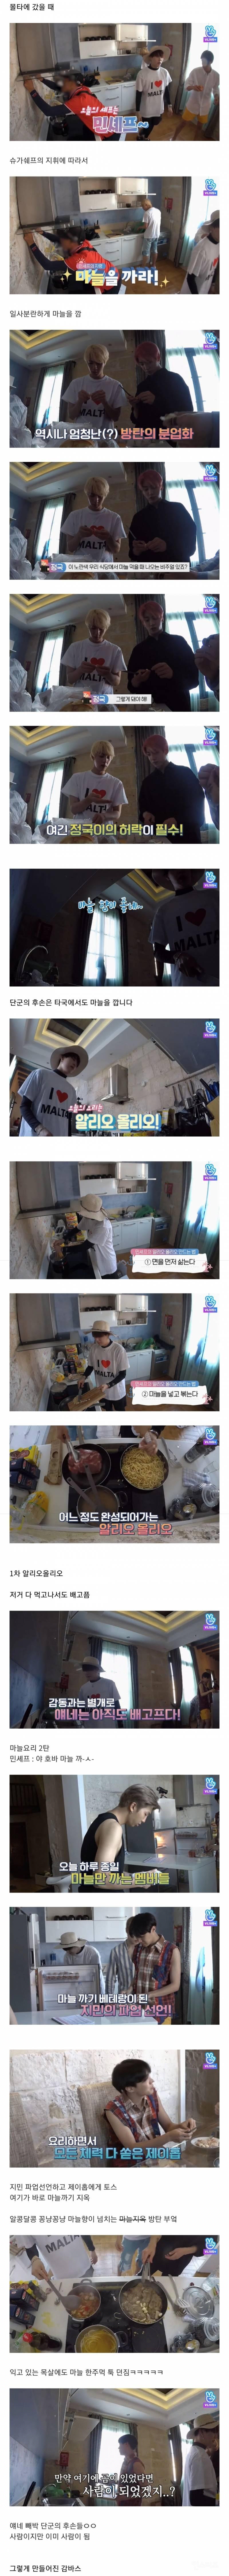 역시 단군의 후손들 (feat. 방탄소년단) | 인스티즈